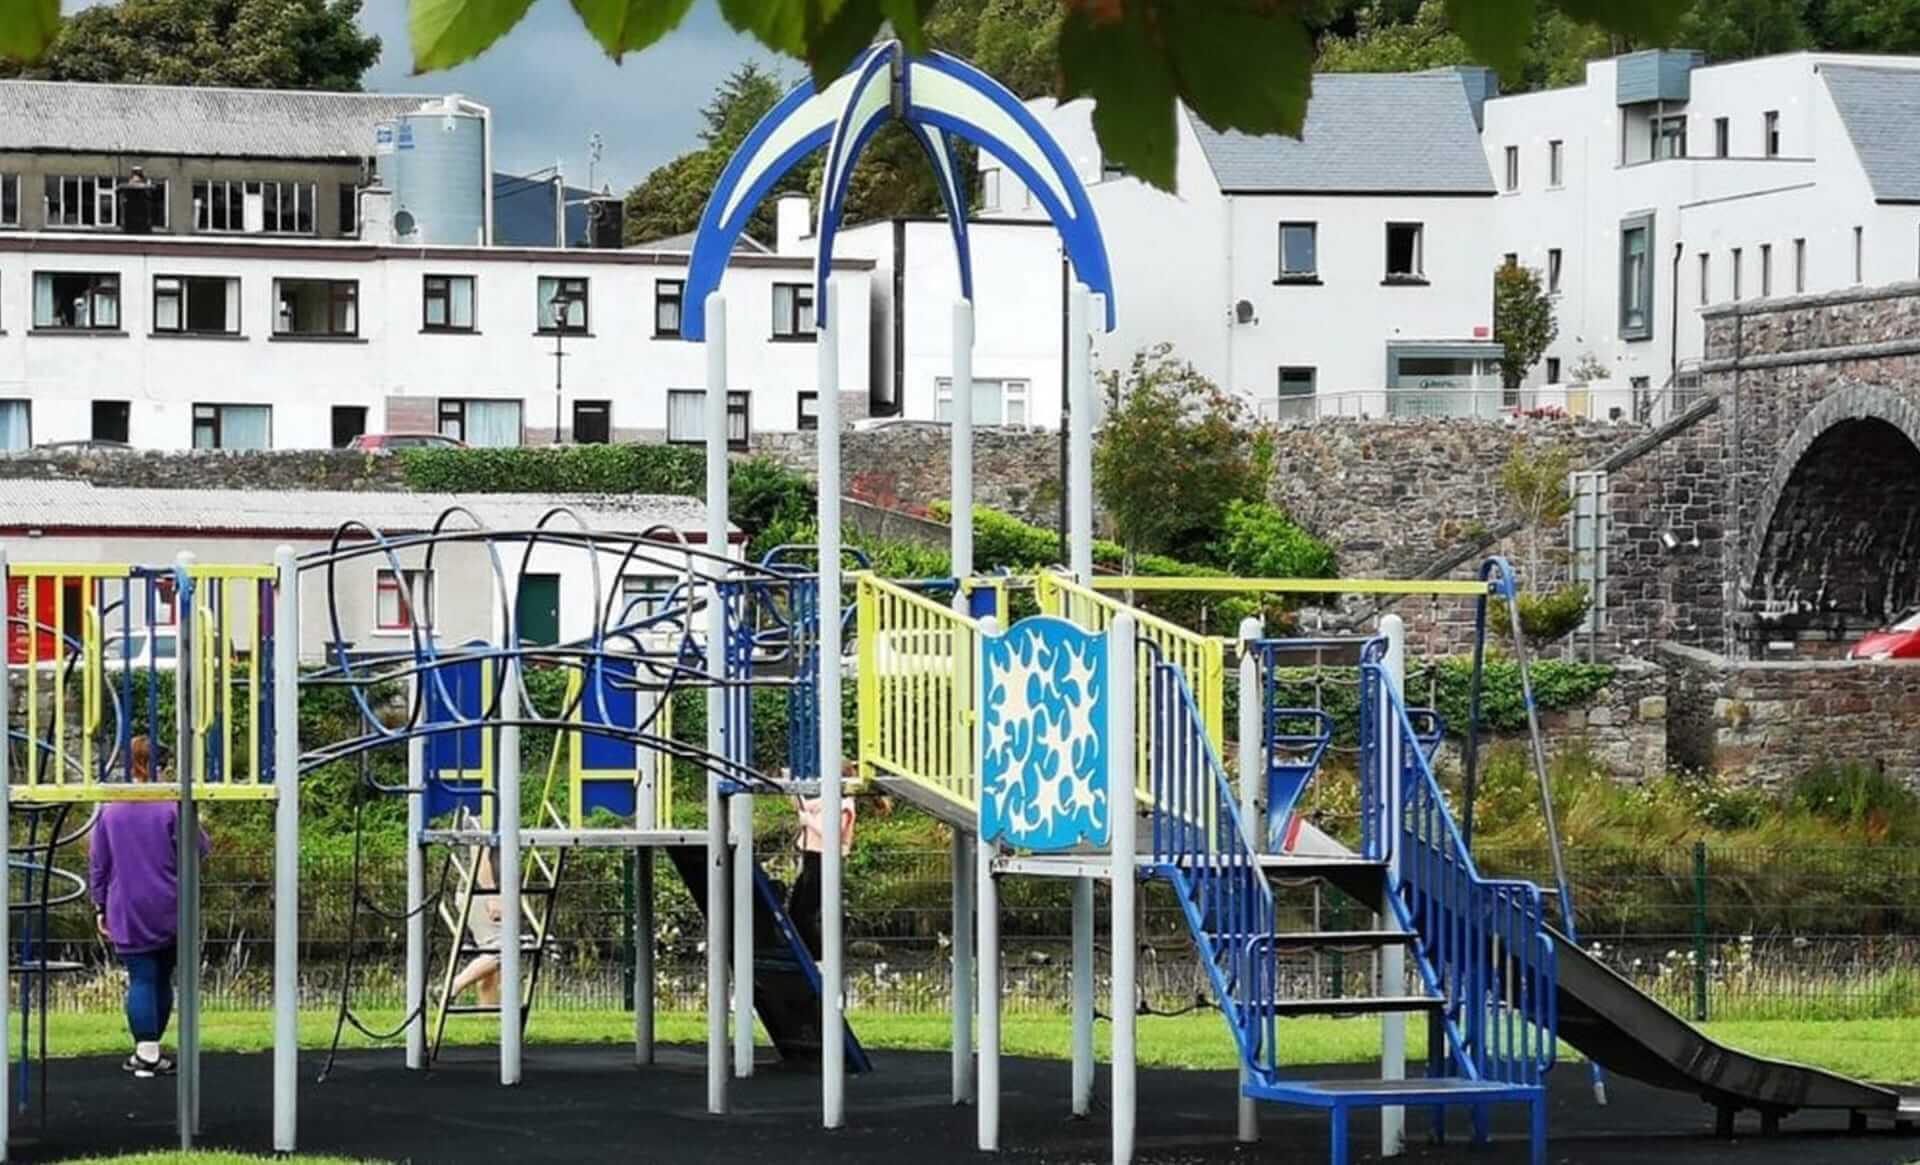 Newport Playground